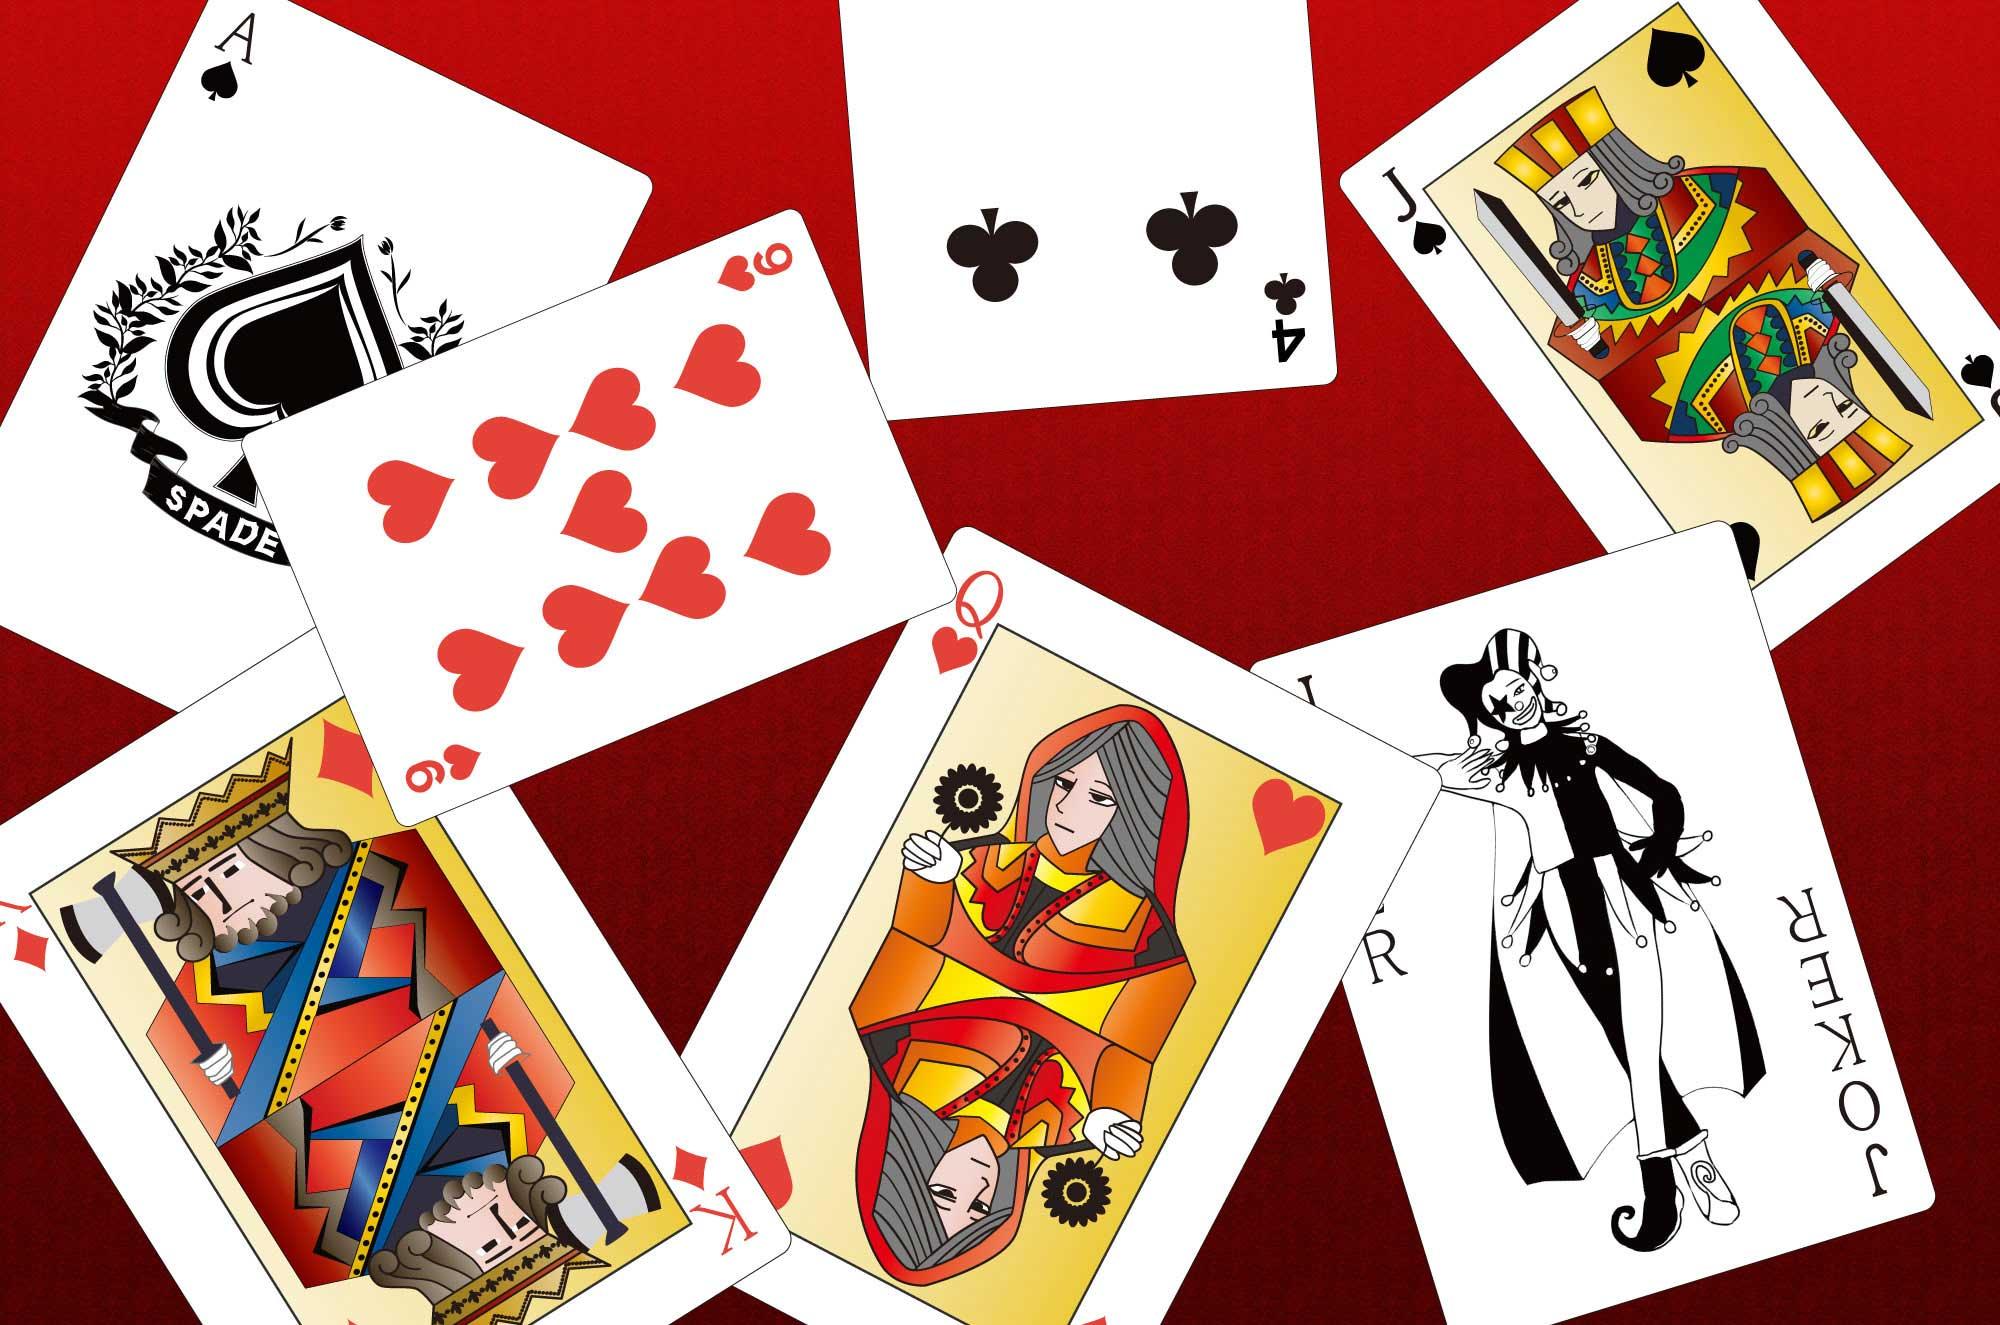 トランプのイラスト - オリジナル全53枚のカード無料素材